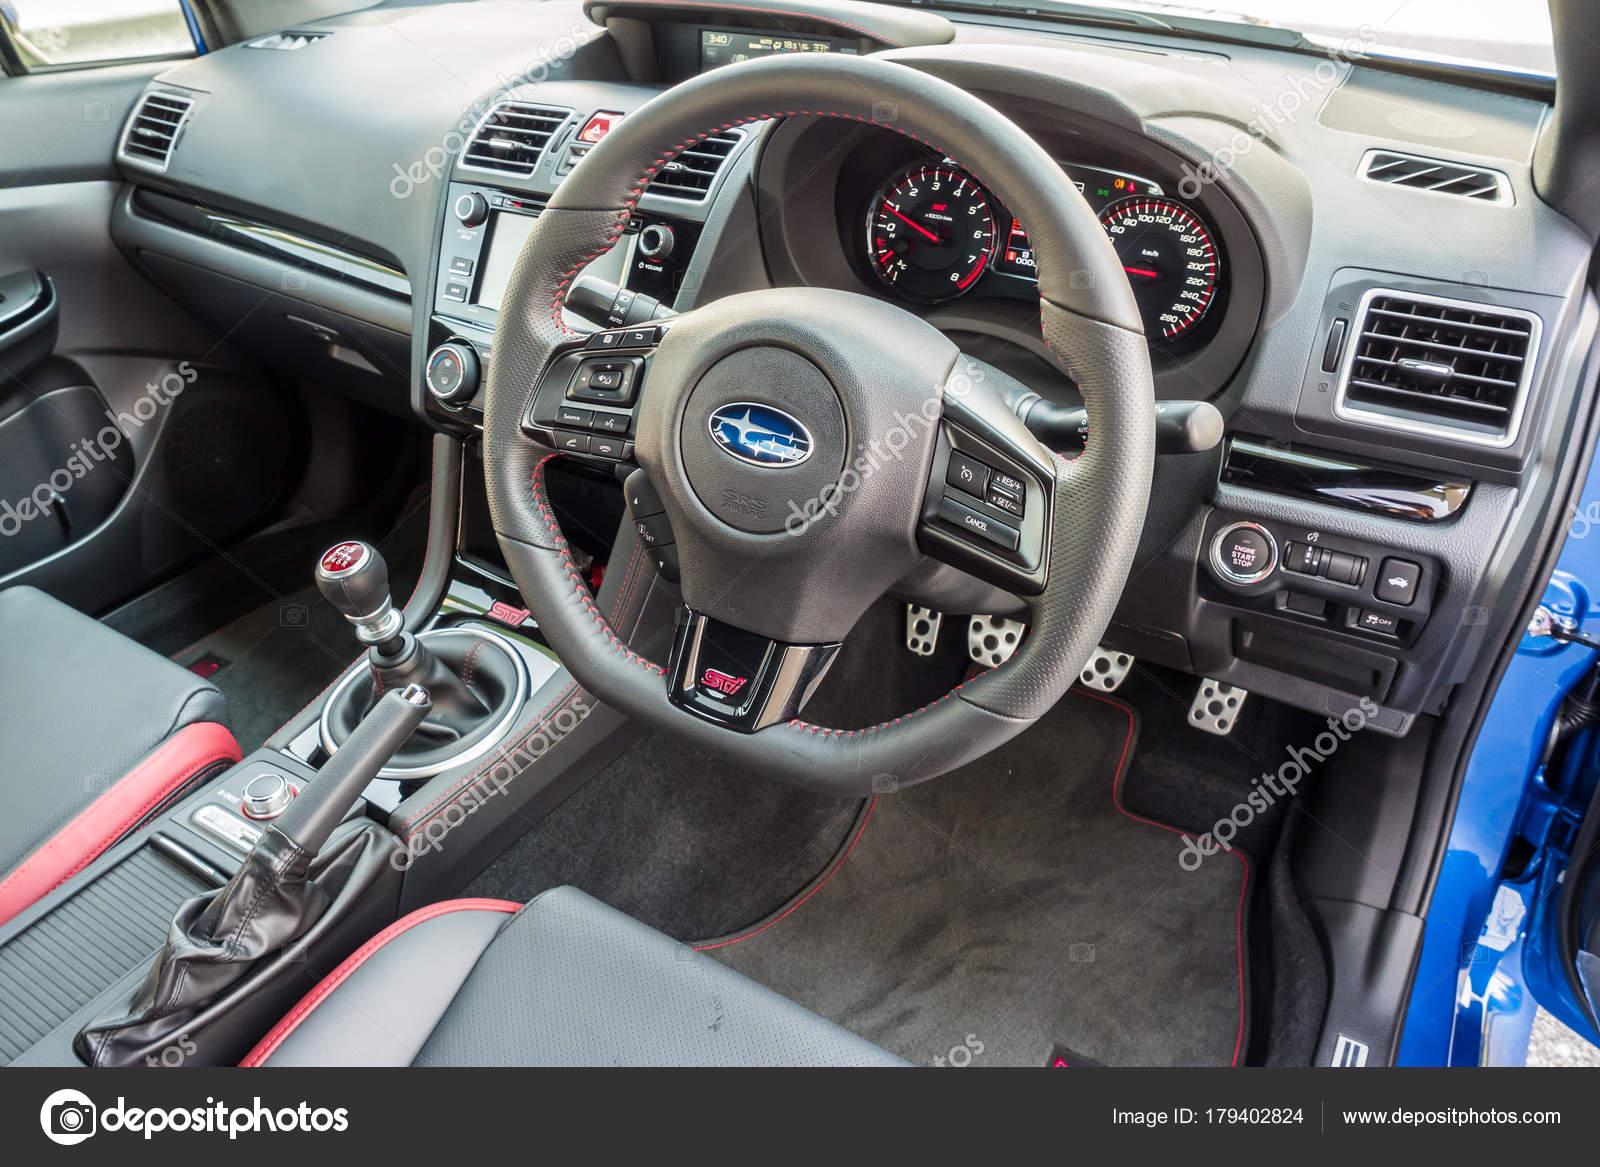 Subaru Wrx Sti 2017 Interieur Redaktionelles Stockfoto